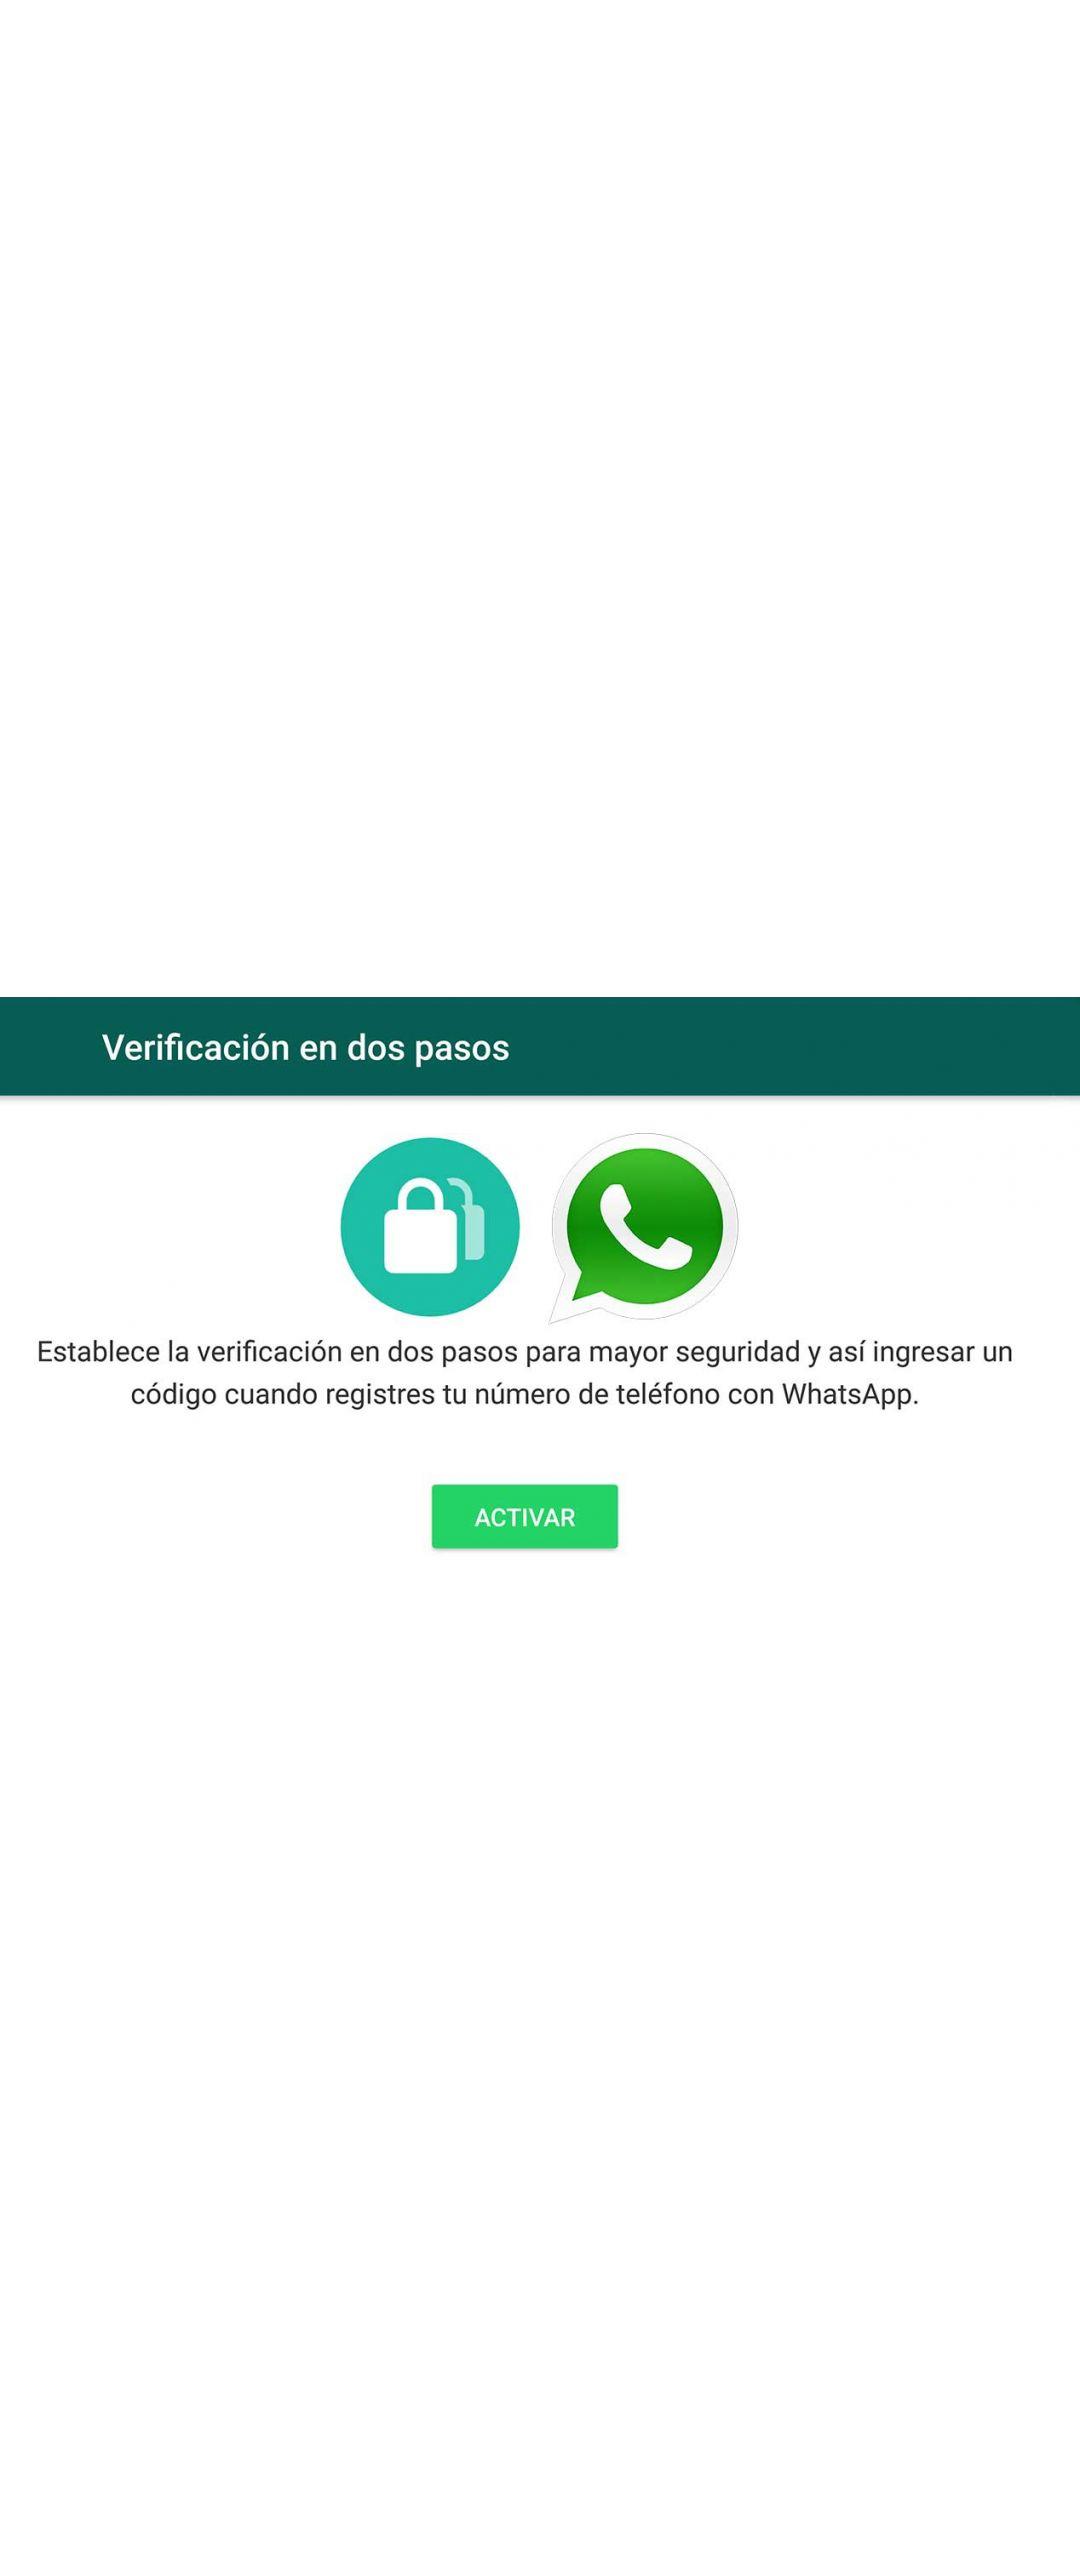 WhatsApp ahora cuenta con verificación de dos pasos